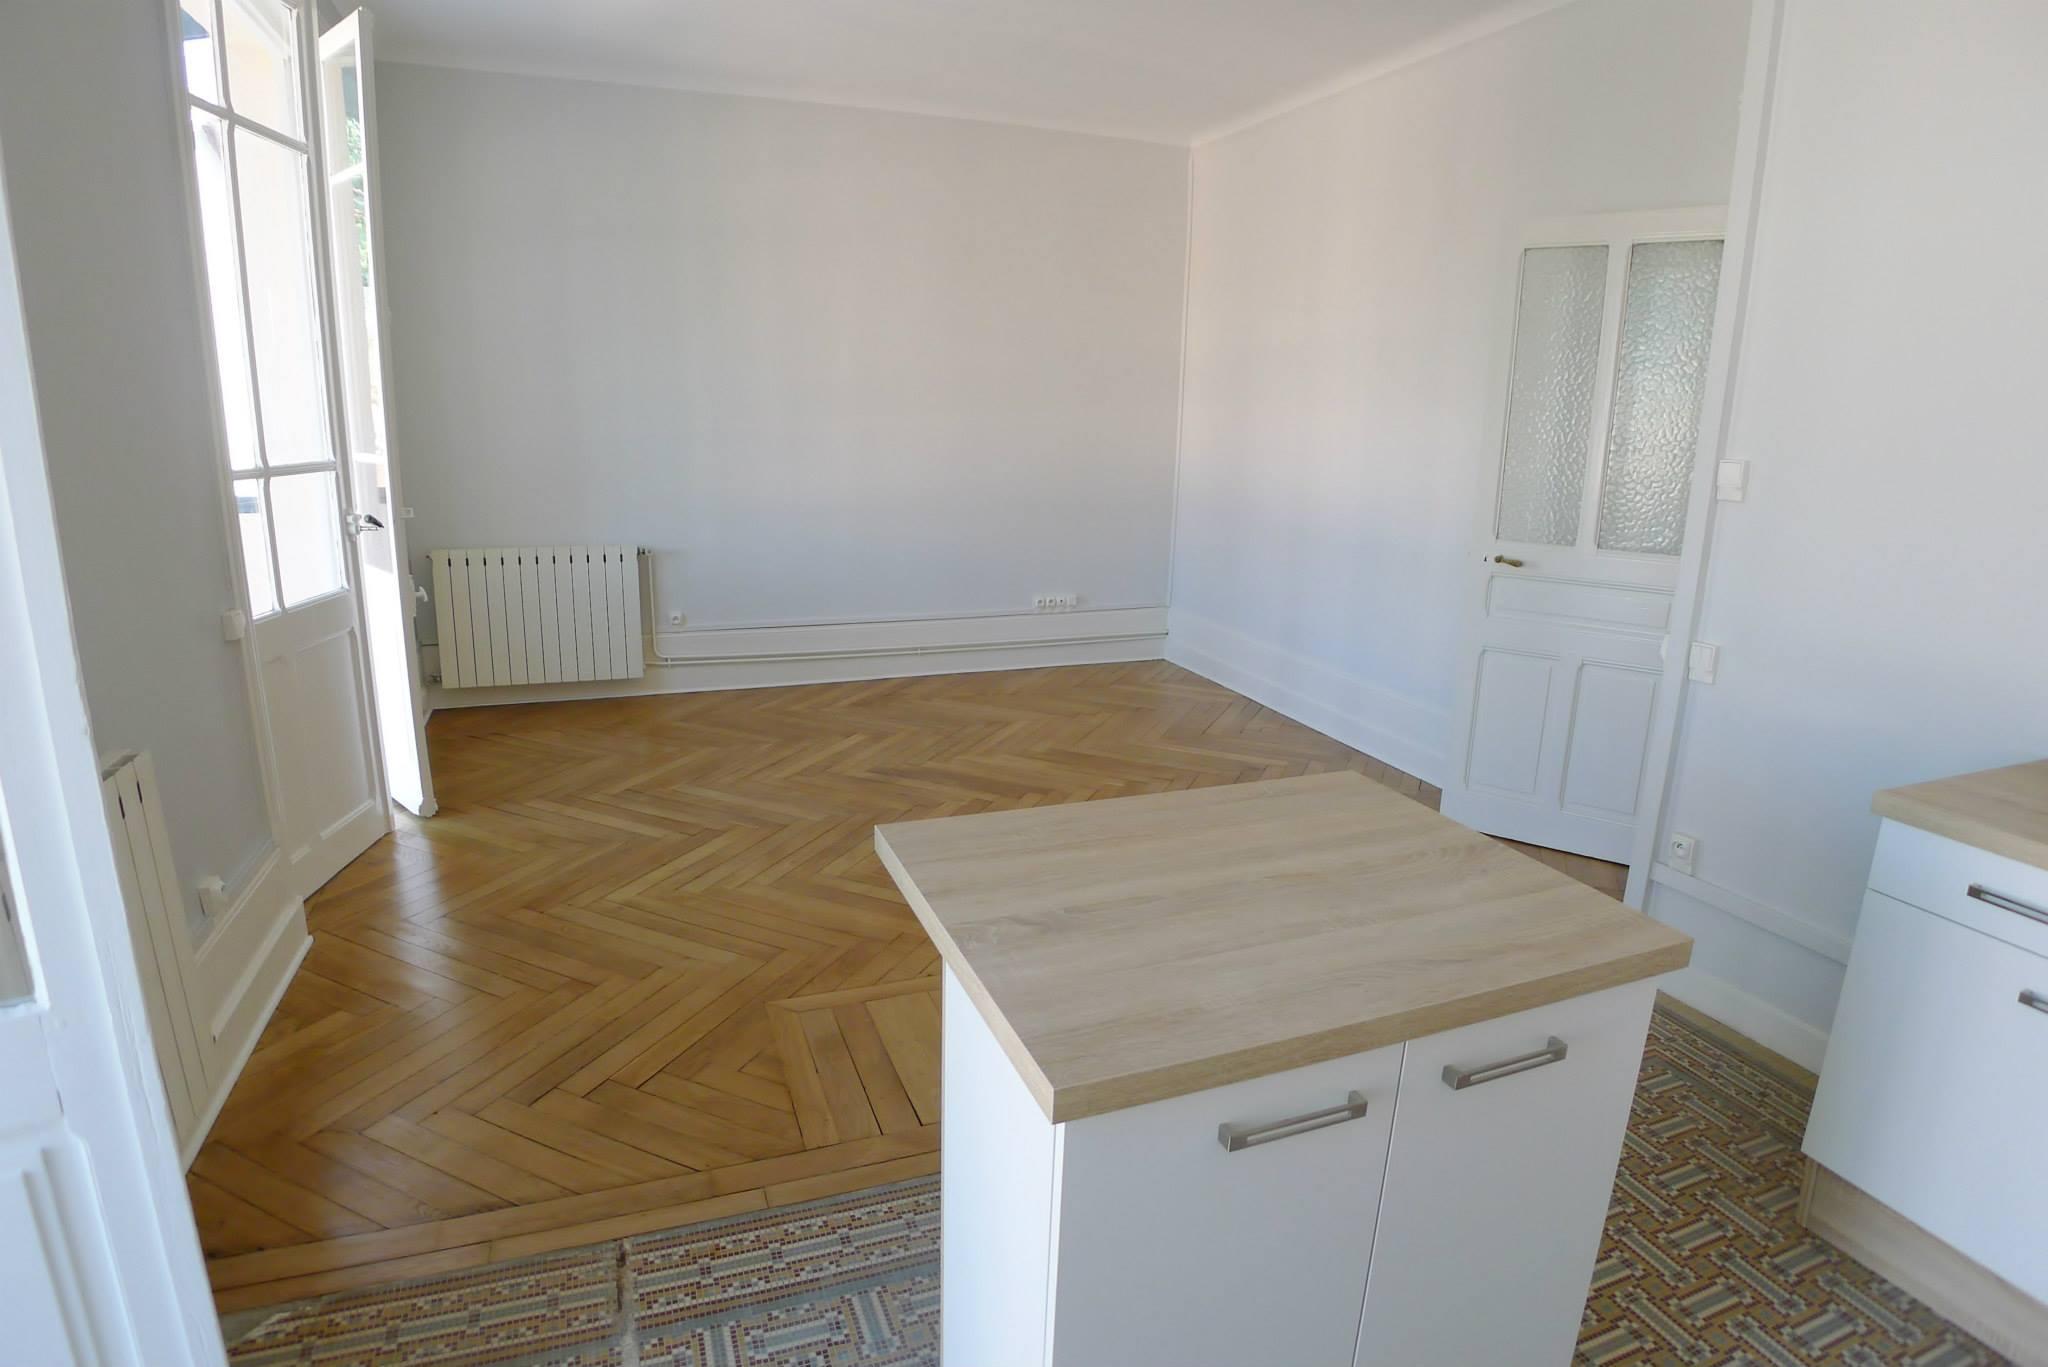 Renovation Maison Année 30 maison années 30 (lyon 8ème) - ecoconfiance rénovation